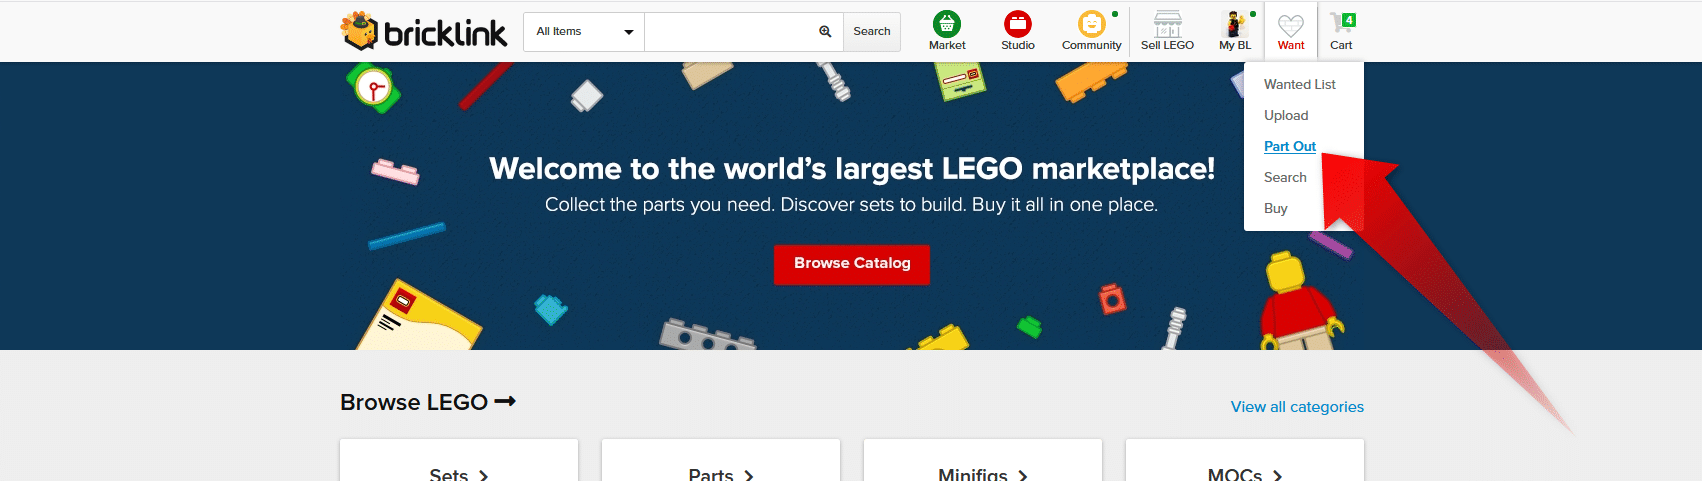 LEGO Adventurers Display Fehlende Teile Ermitteln Bricklink Partout